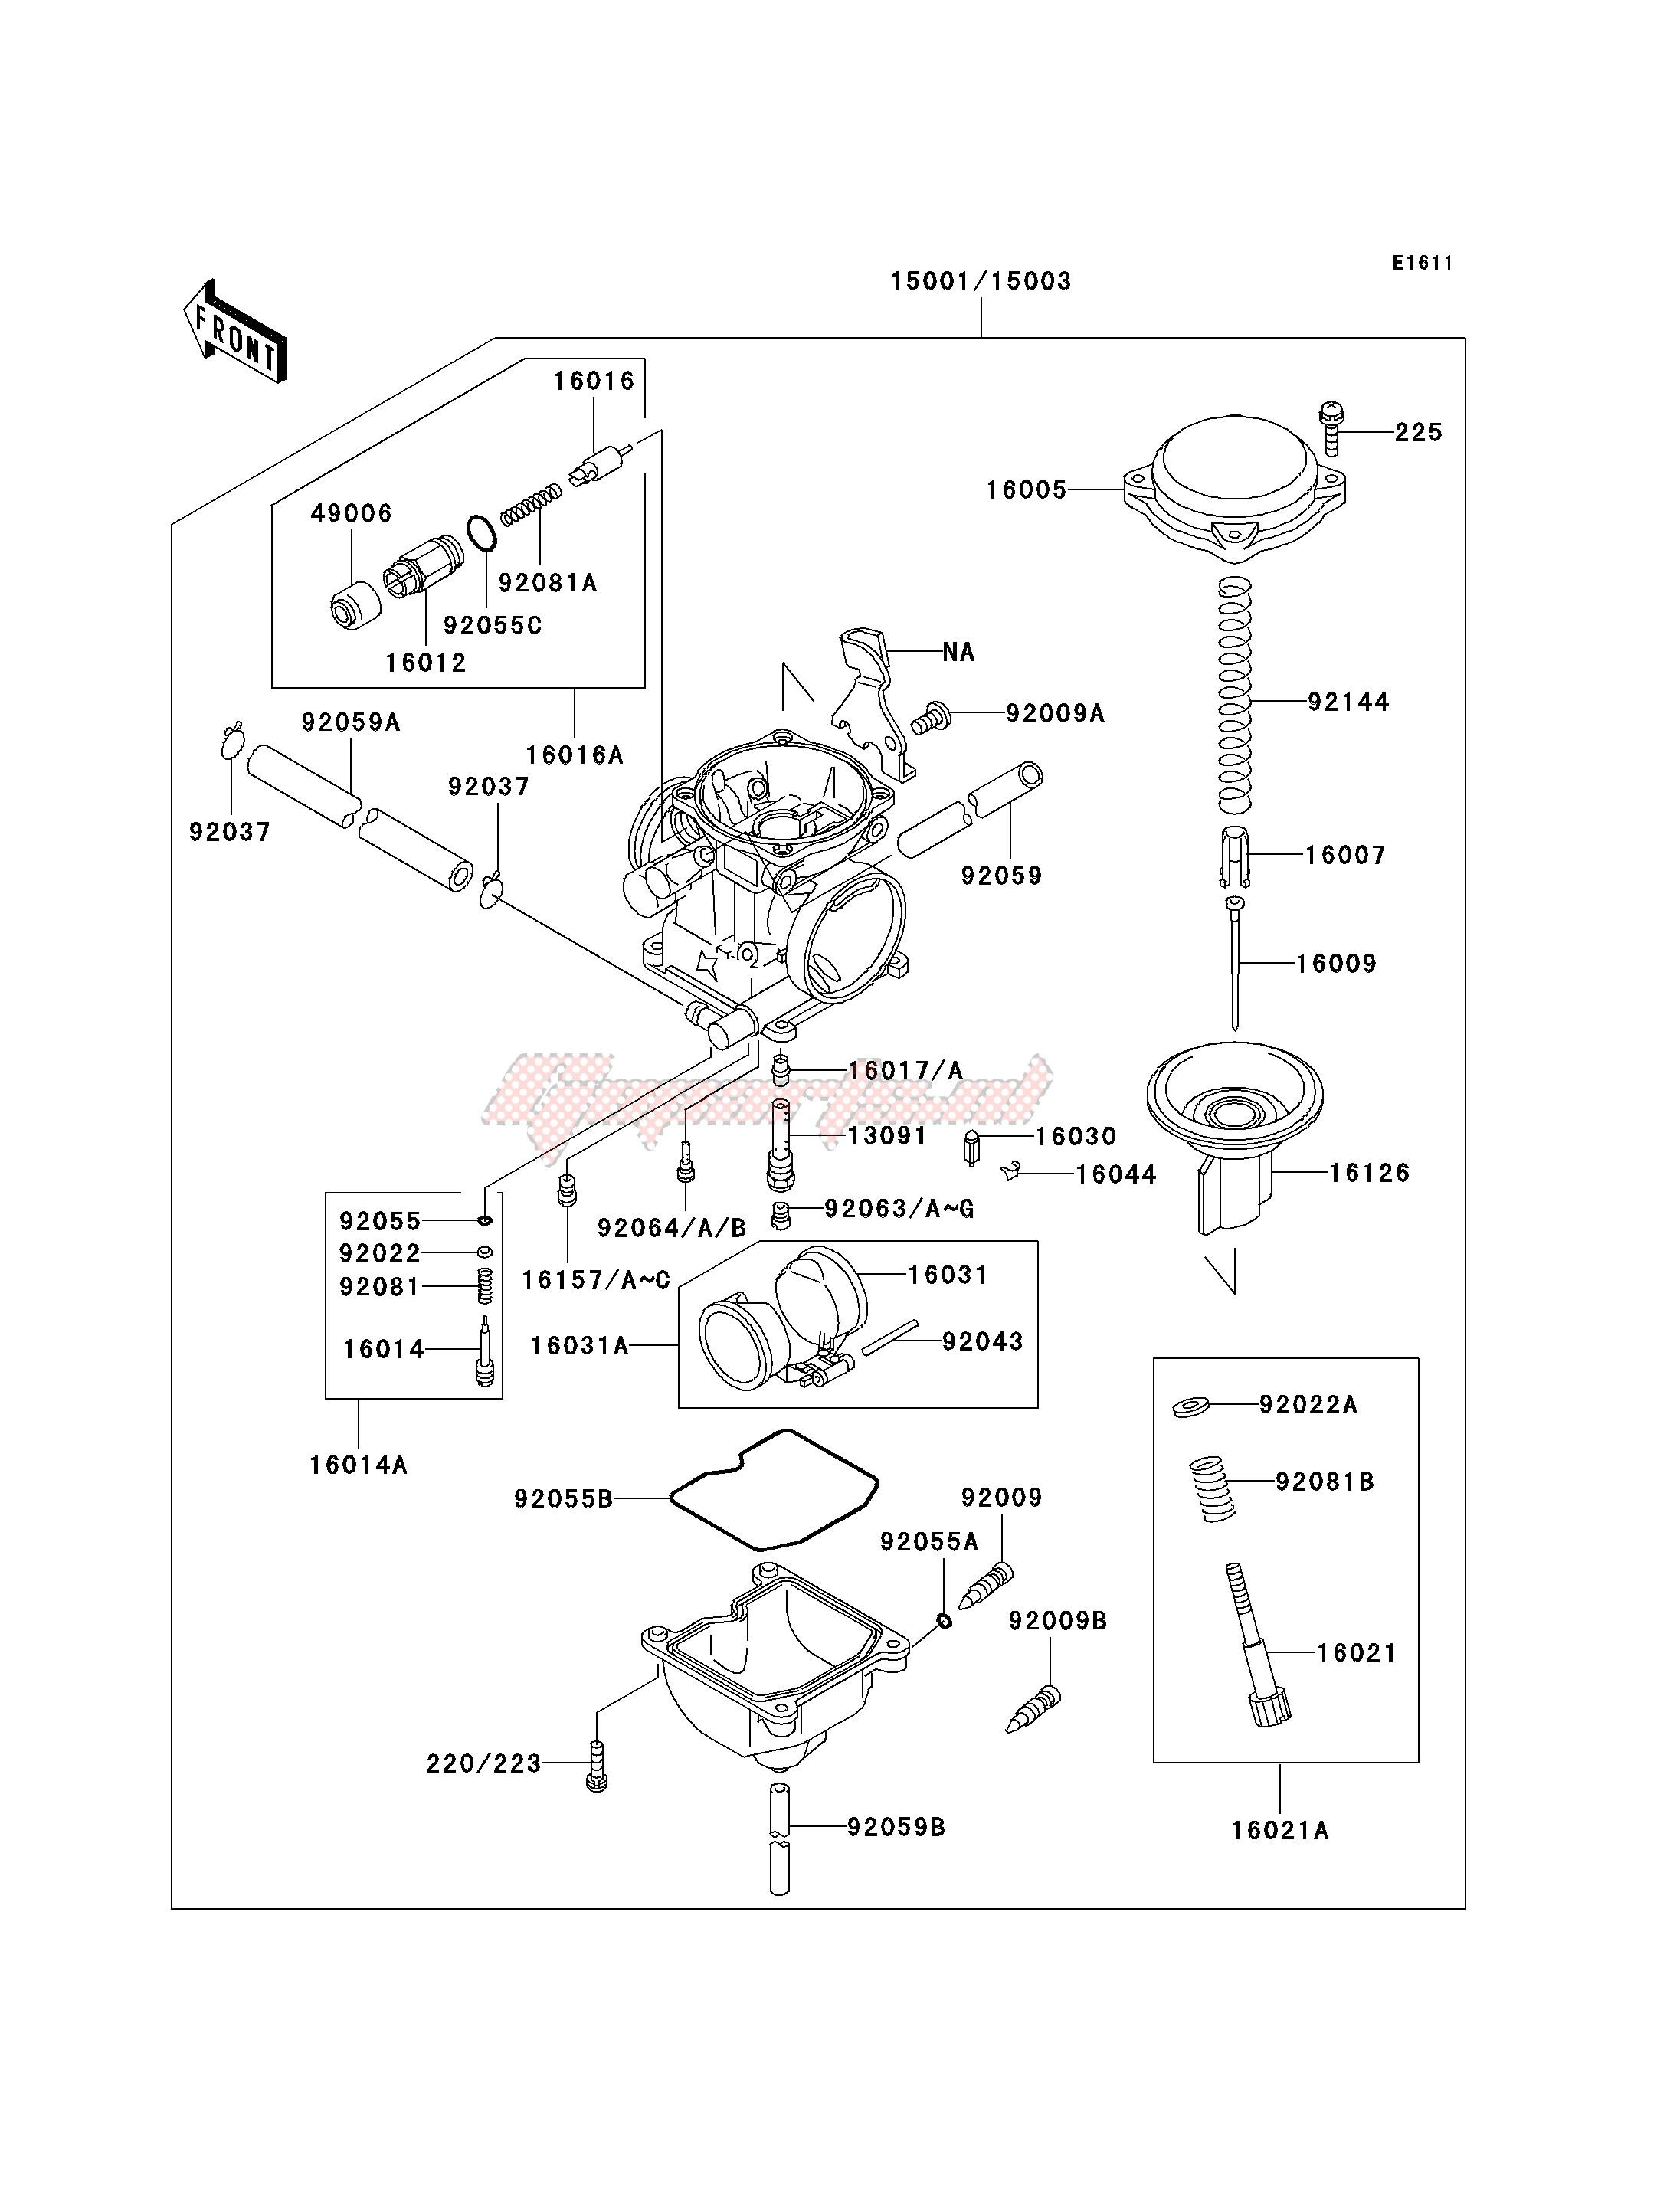 CARBURETOR -- KSF250-A15_A16- - image